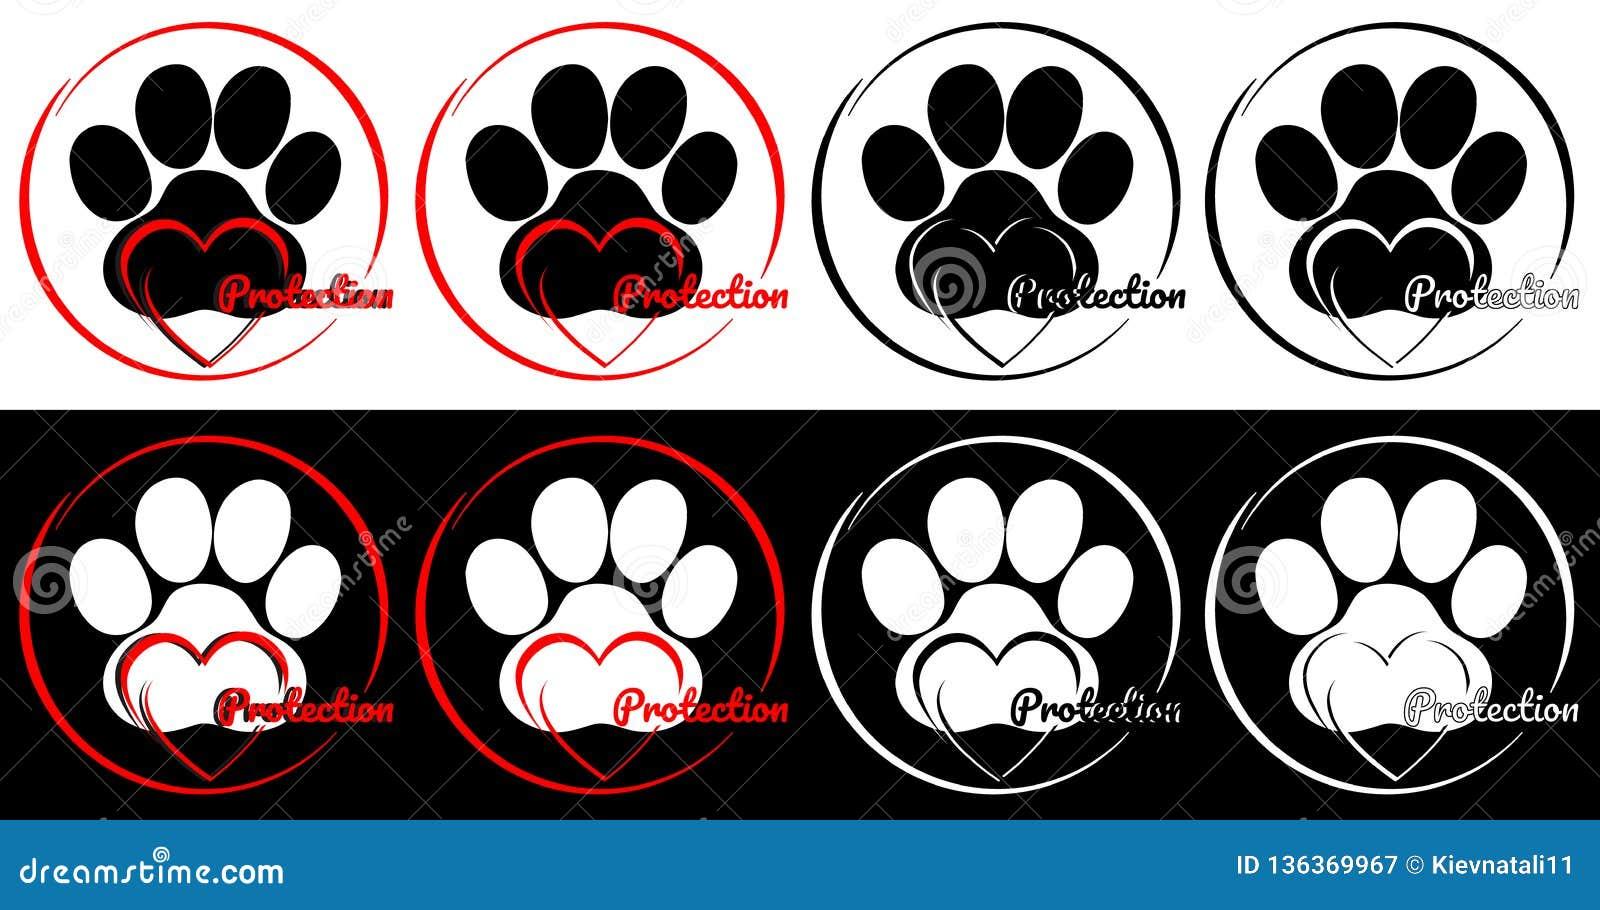 宠物慈善组织的保护商标